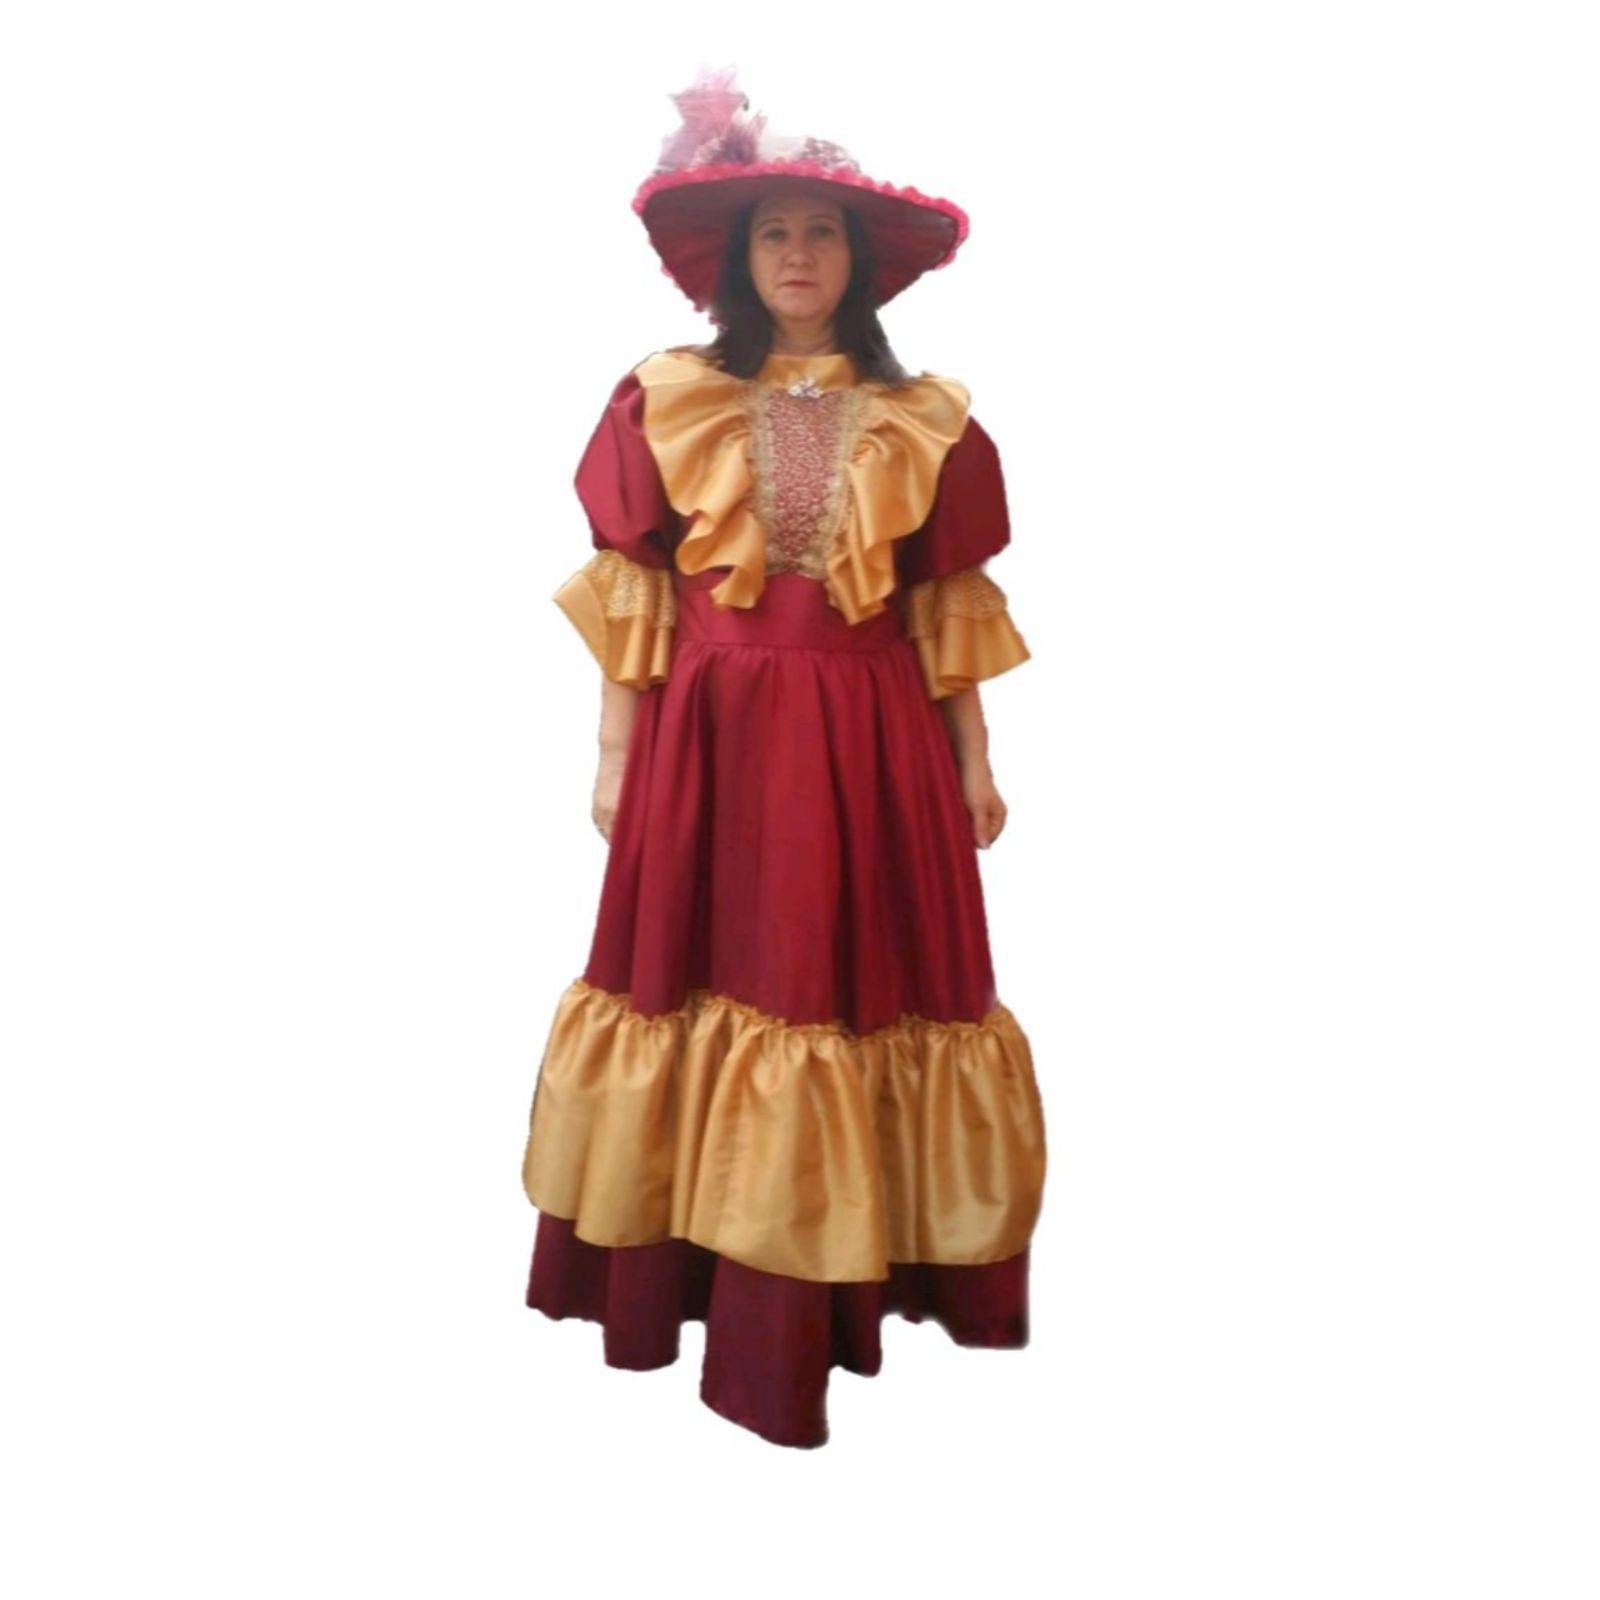 Rochiță de epocă roșu - muștar fete